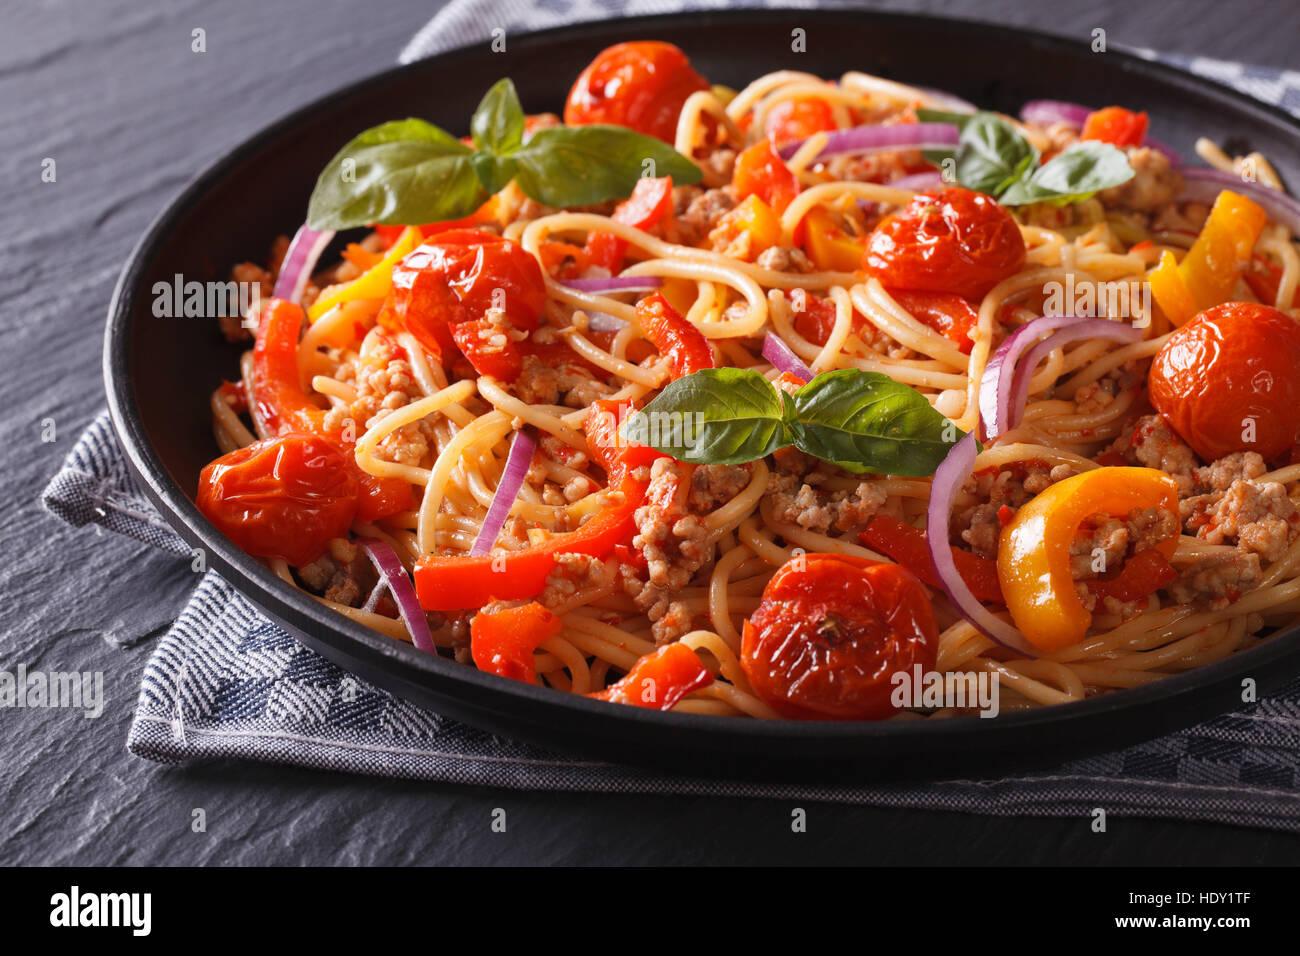 Comida italiana: pasta con carne picada y verduras horizontal cerca. Imagen De Stock